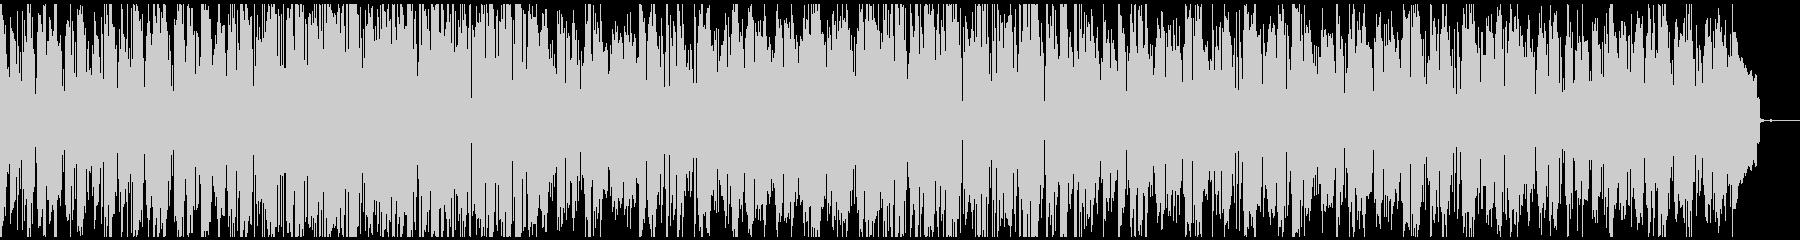 オシャレなピアノのスムースジャズの未再生の波形